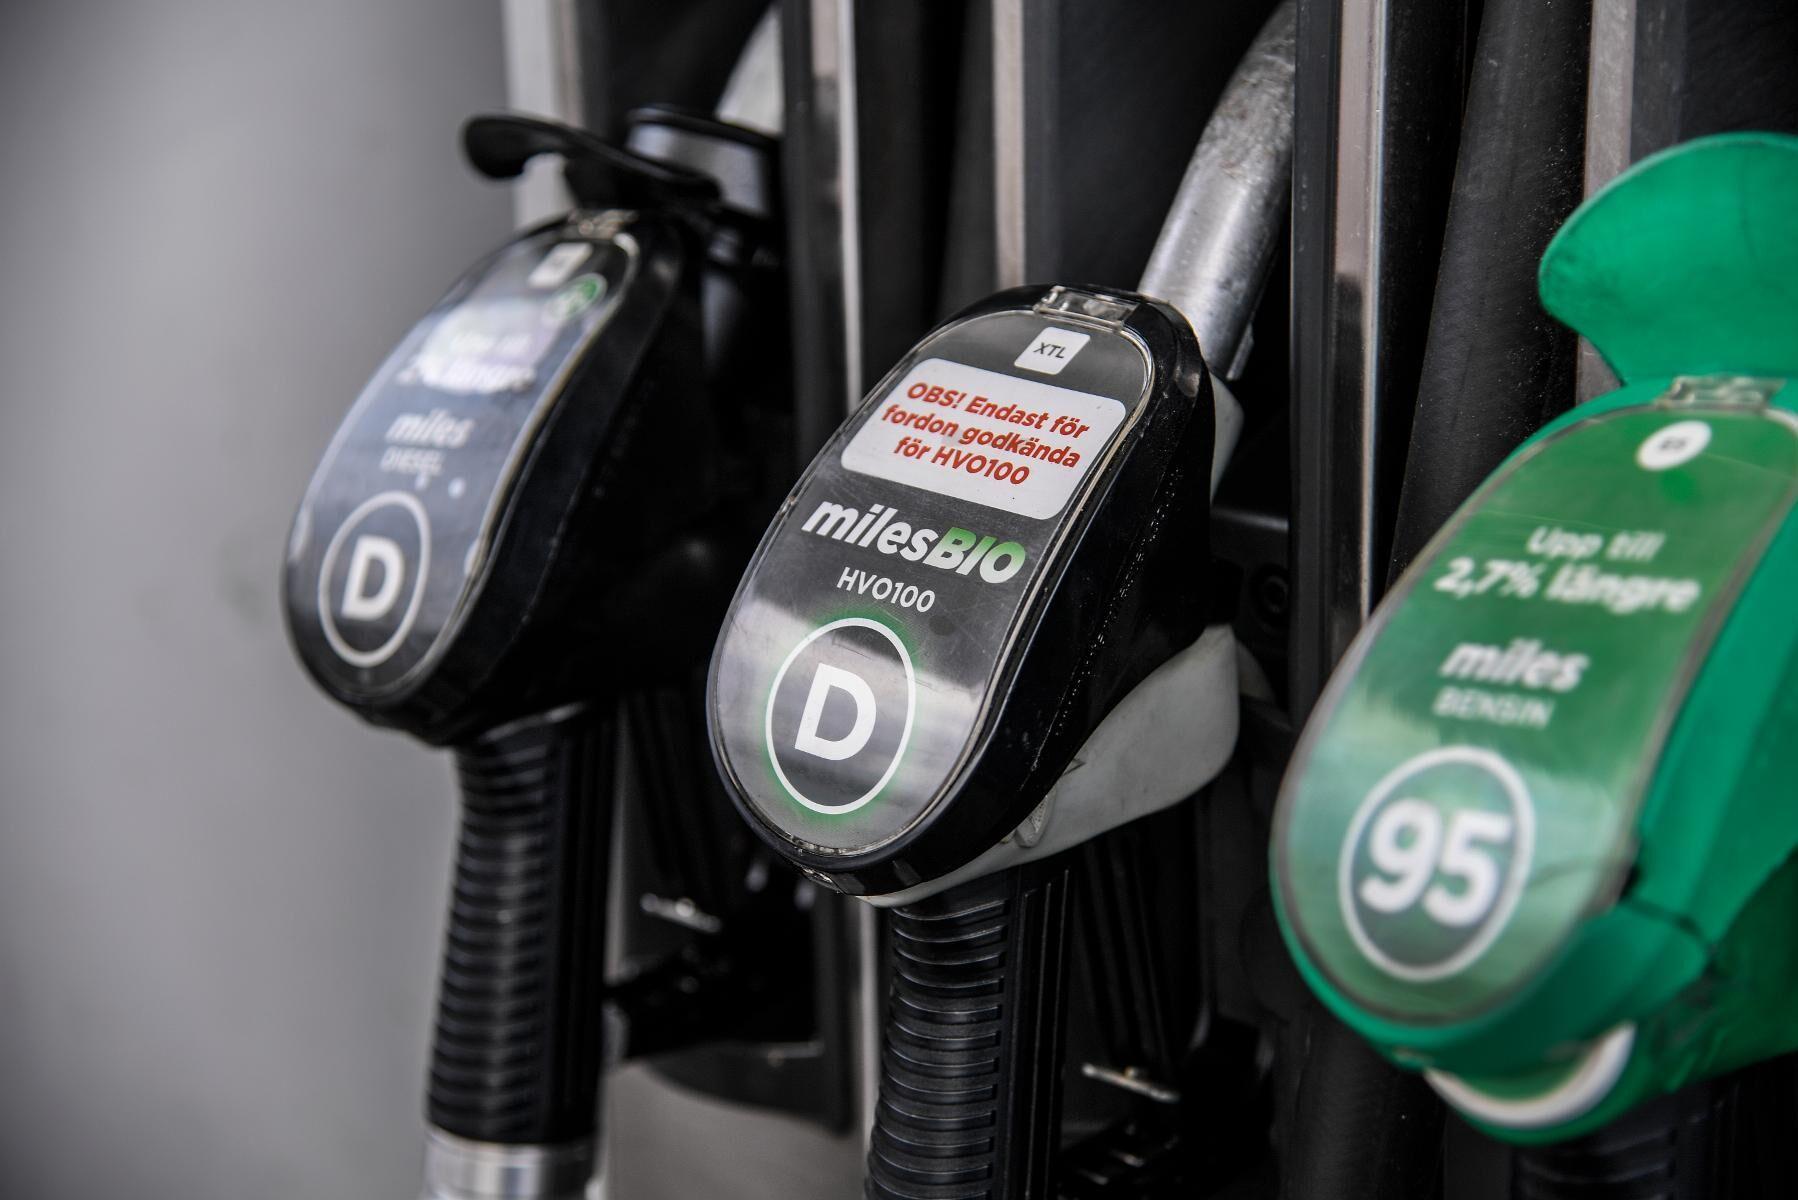 Priserna på bensin, diesel och HVO-100 föll med 10 öre per liter. Arkivbild.